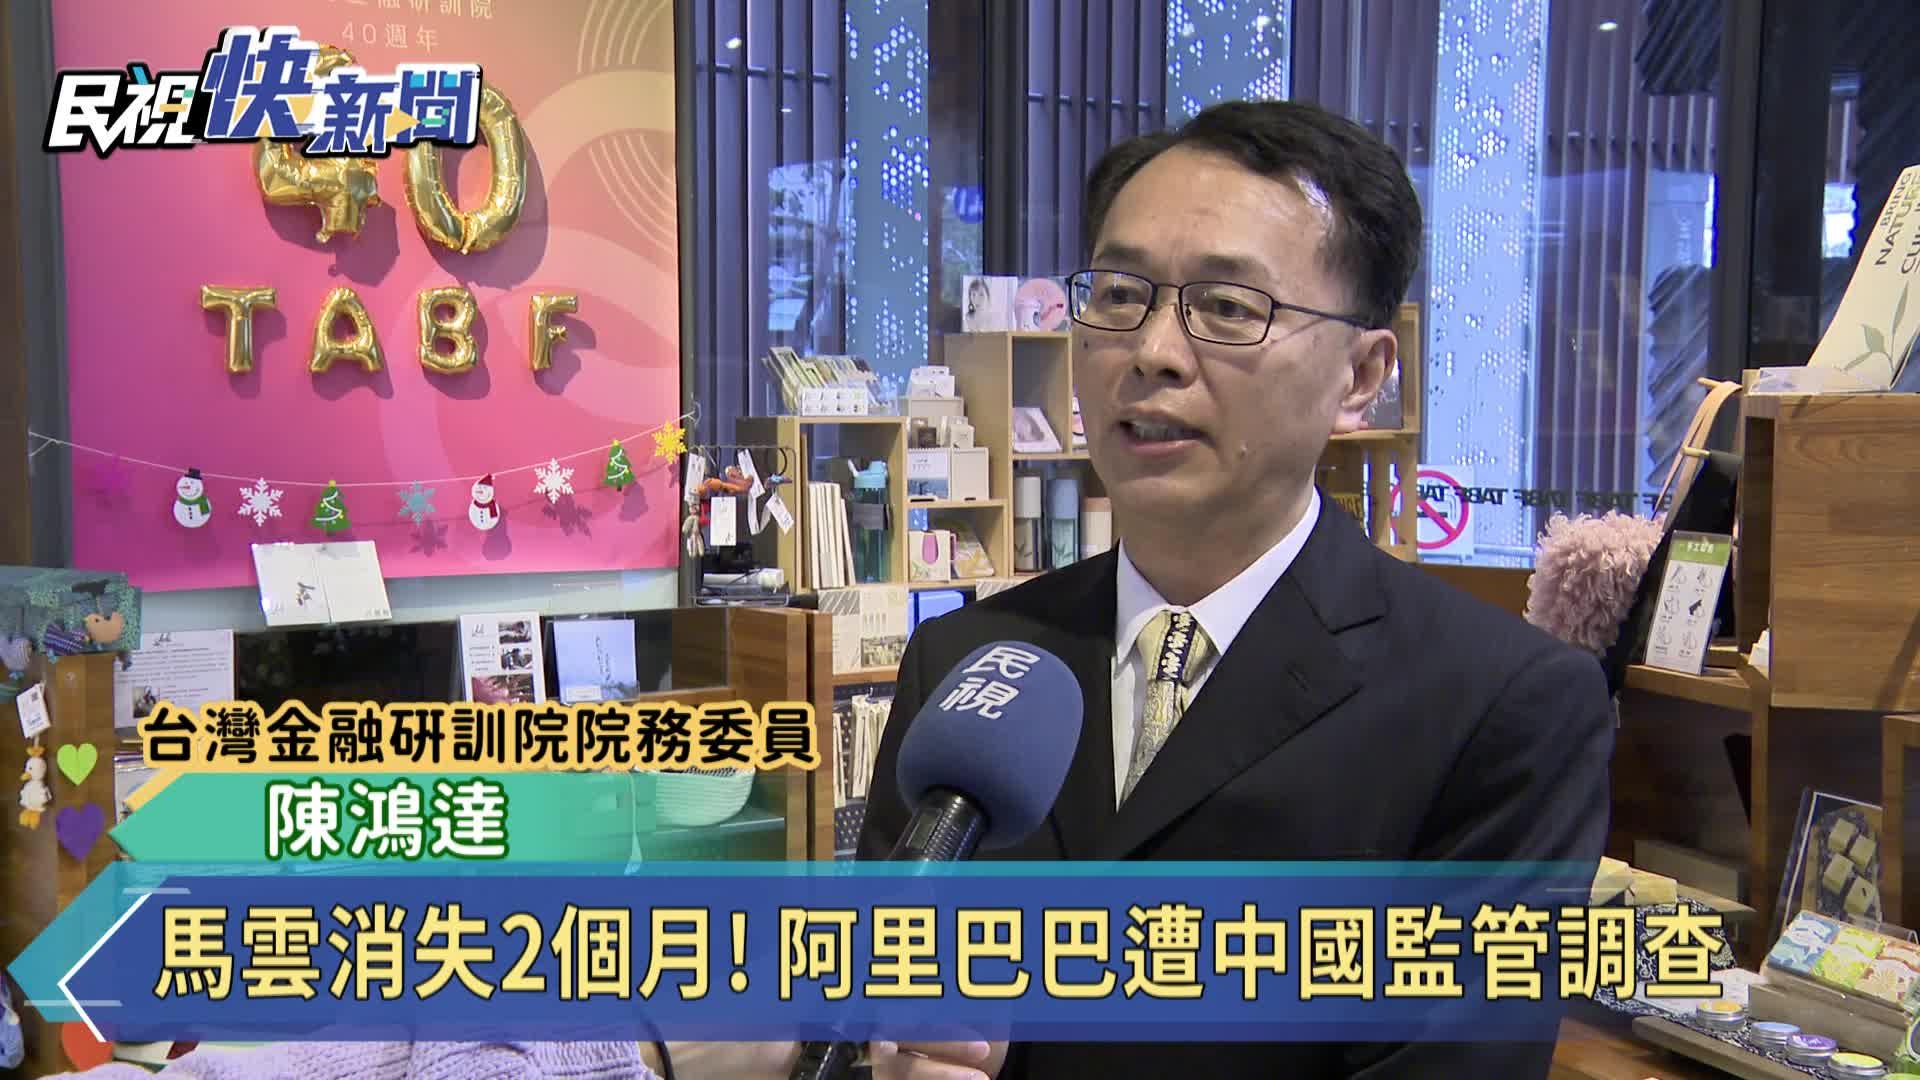 馬雲消失2個月! 阿里巴巴遭中國監管調查